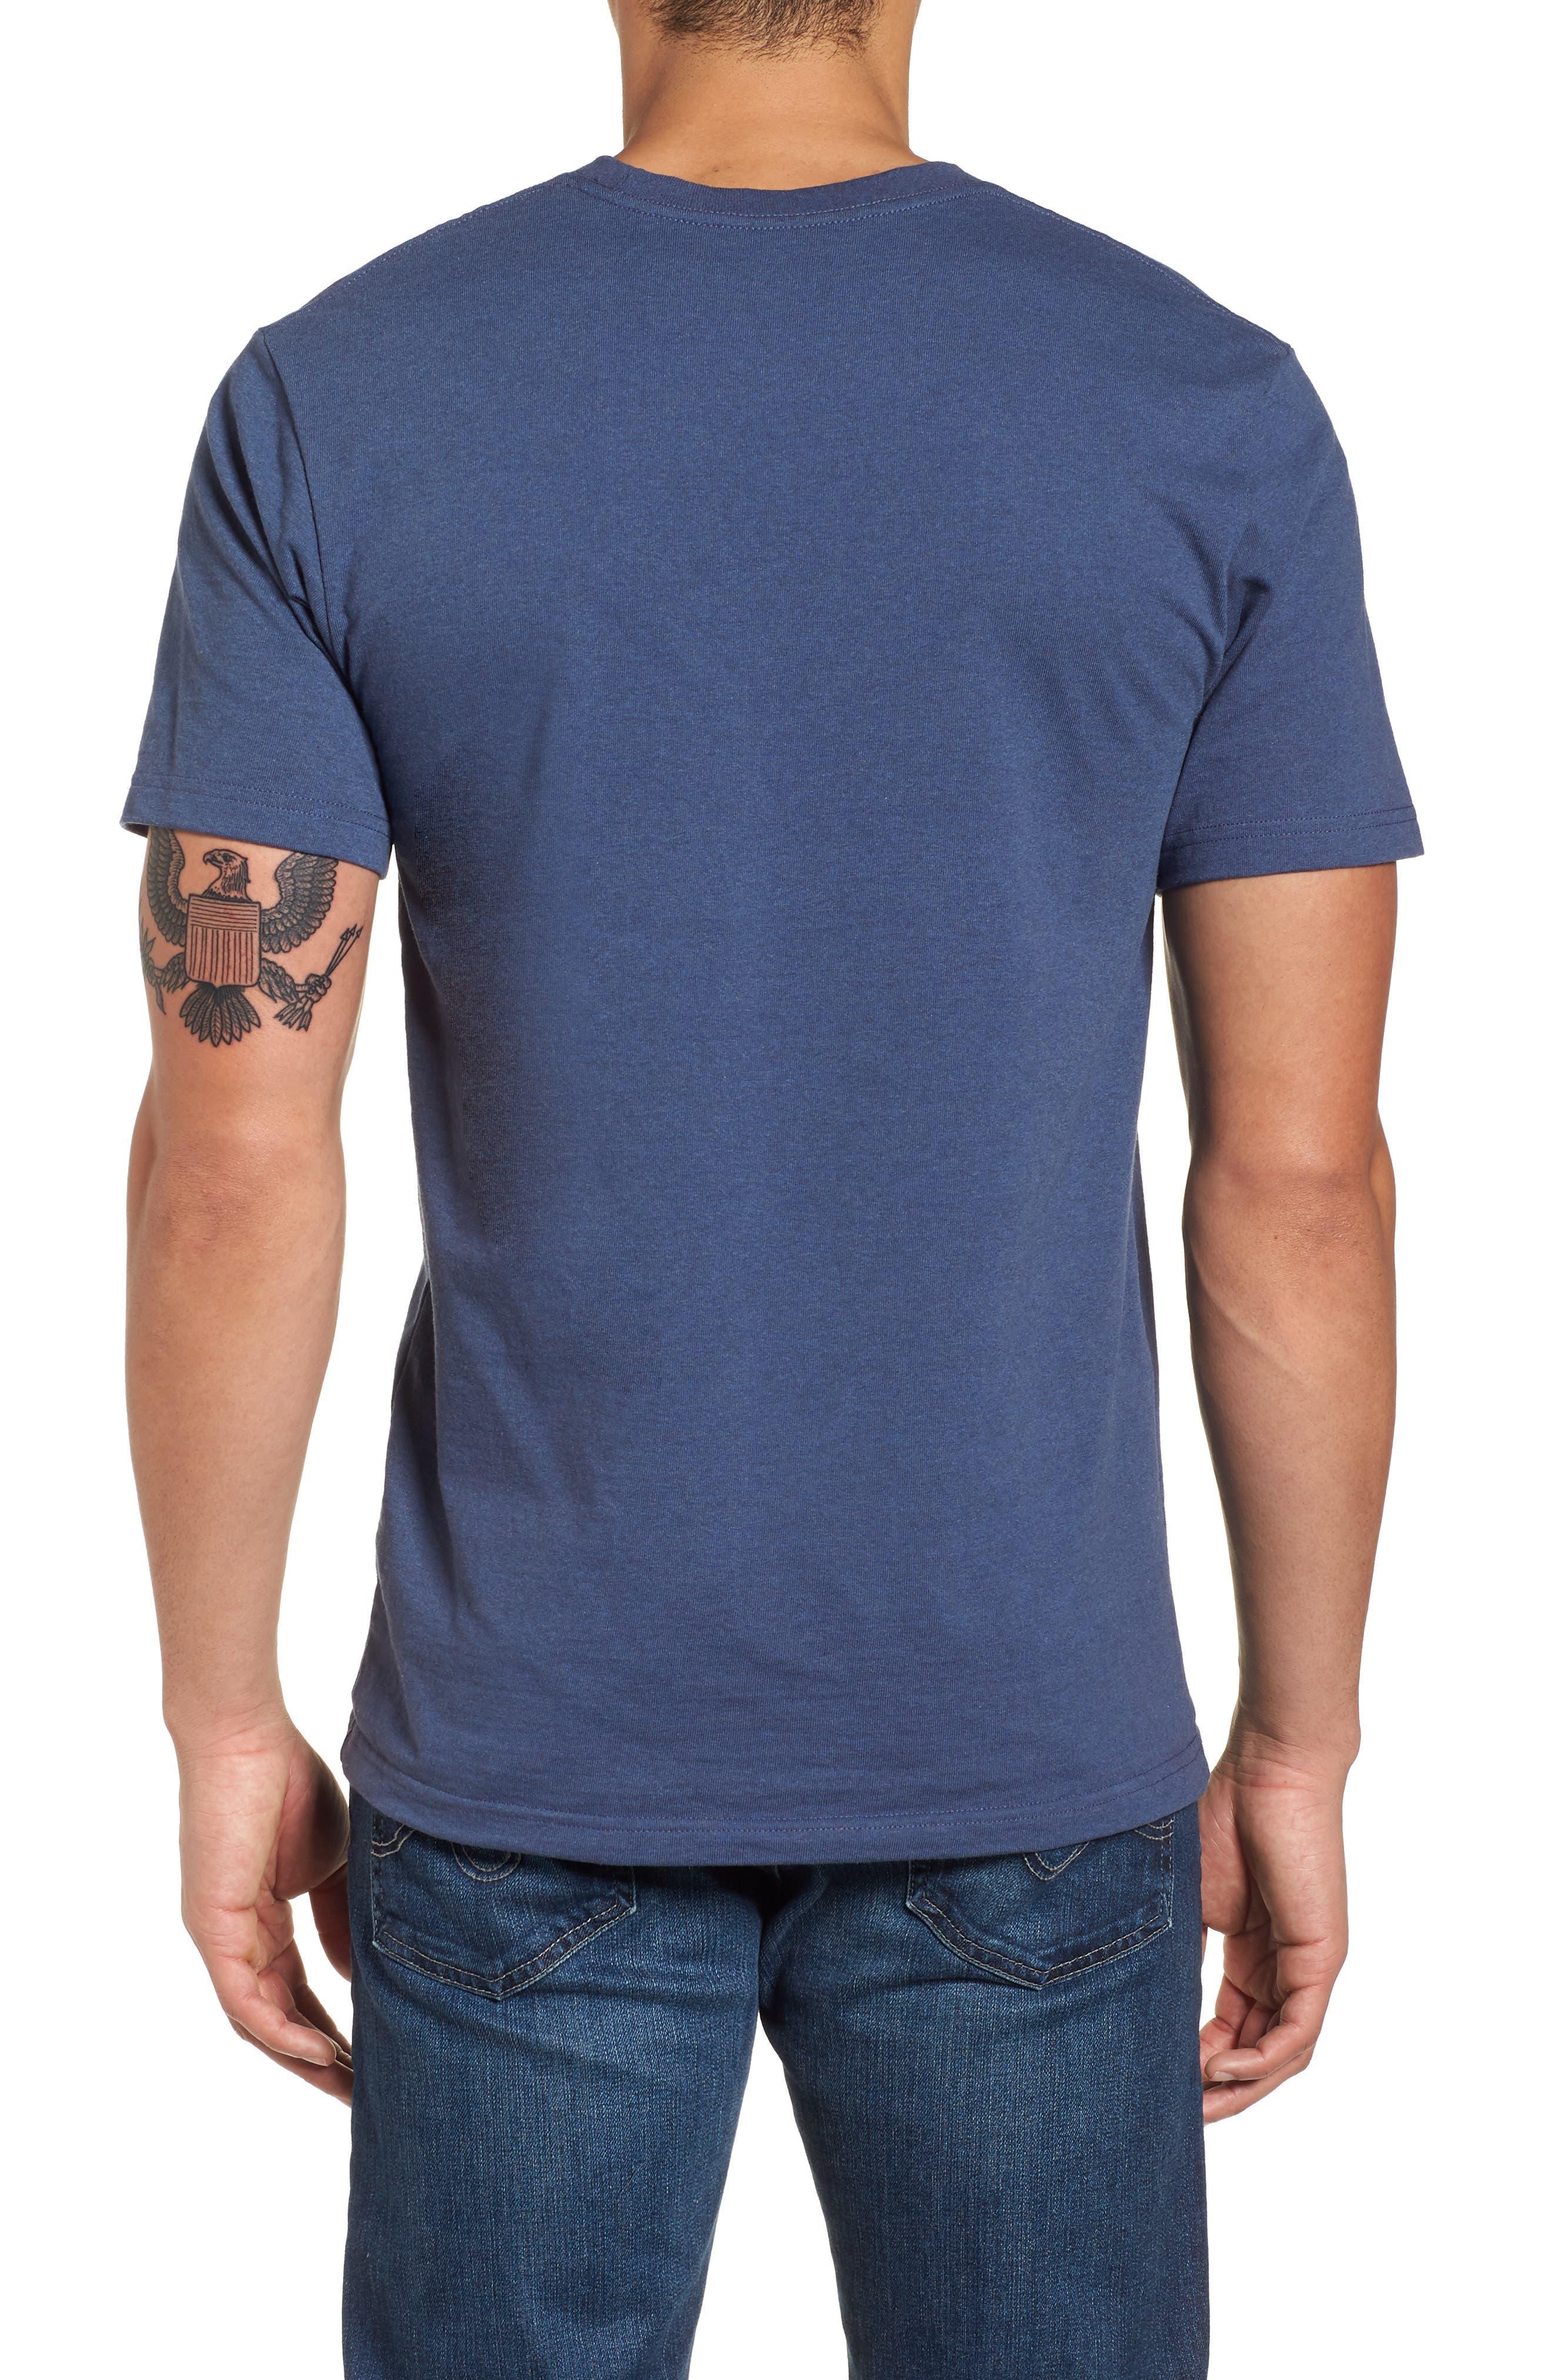 Glacier Born Responsibili-Tee T-Shirt,                             Alternate thumbnail 2, color,                             Dolomite Blue